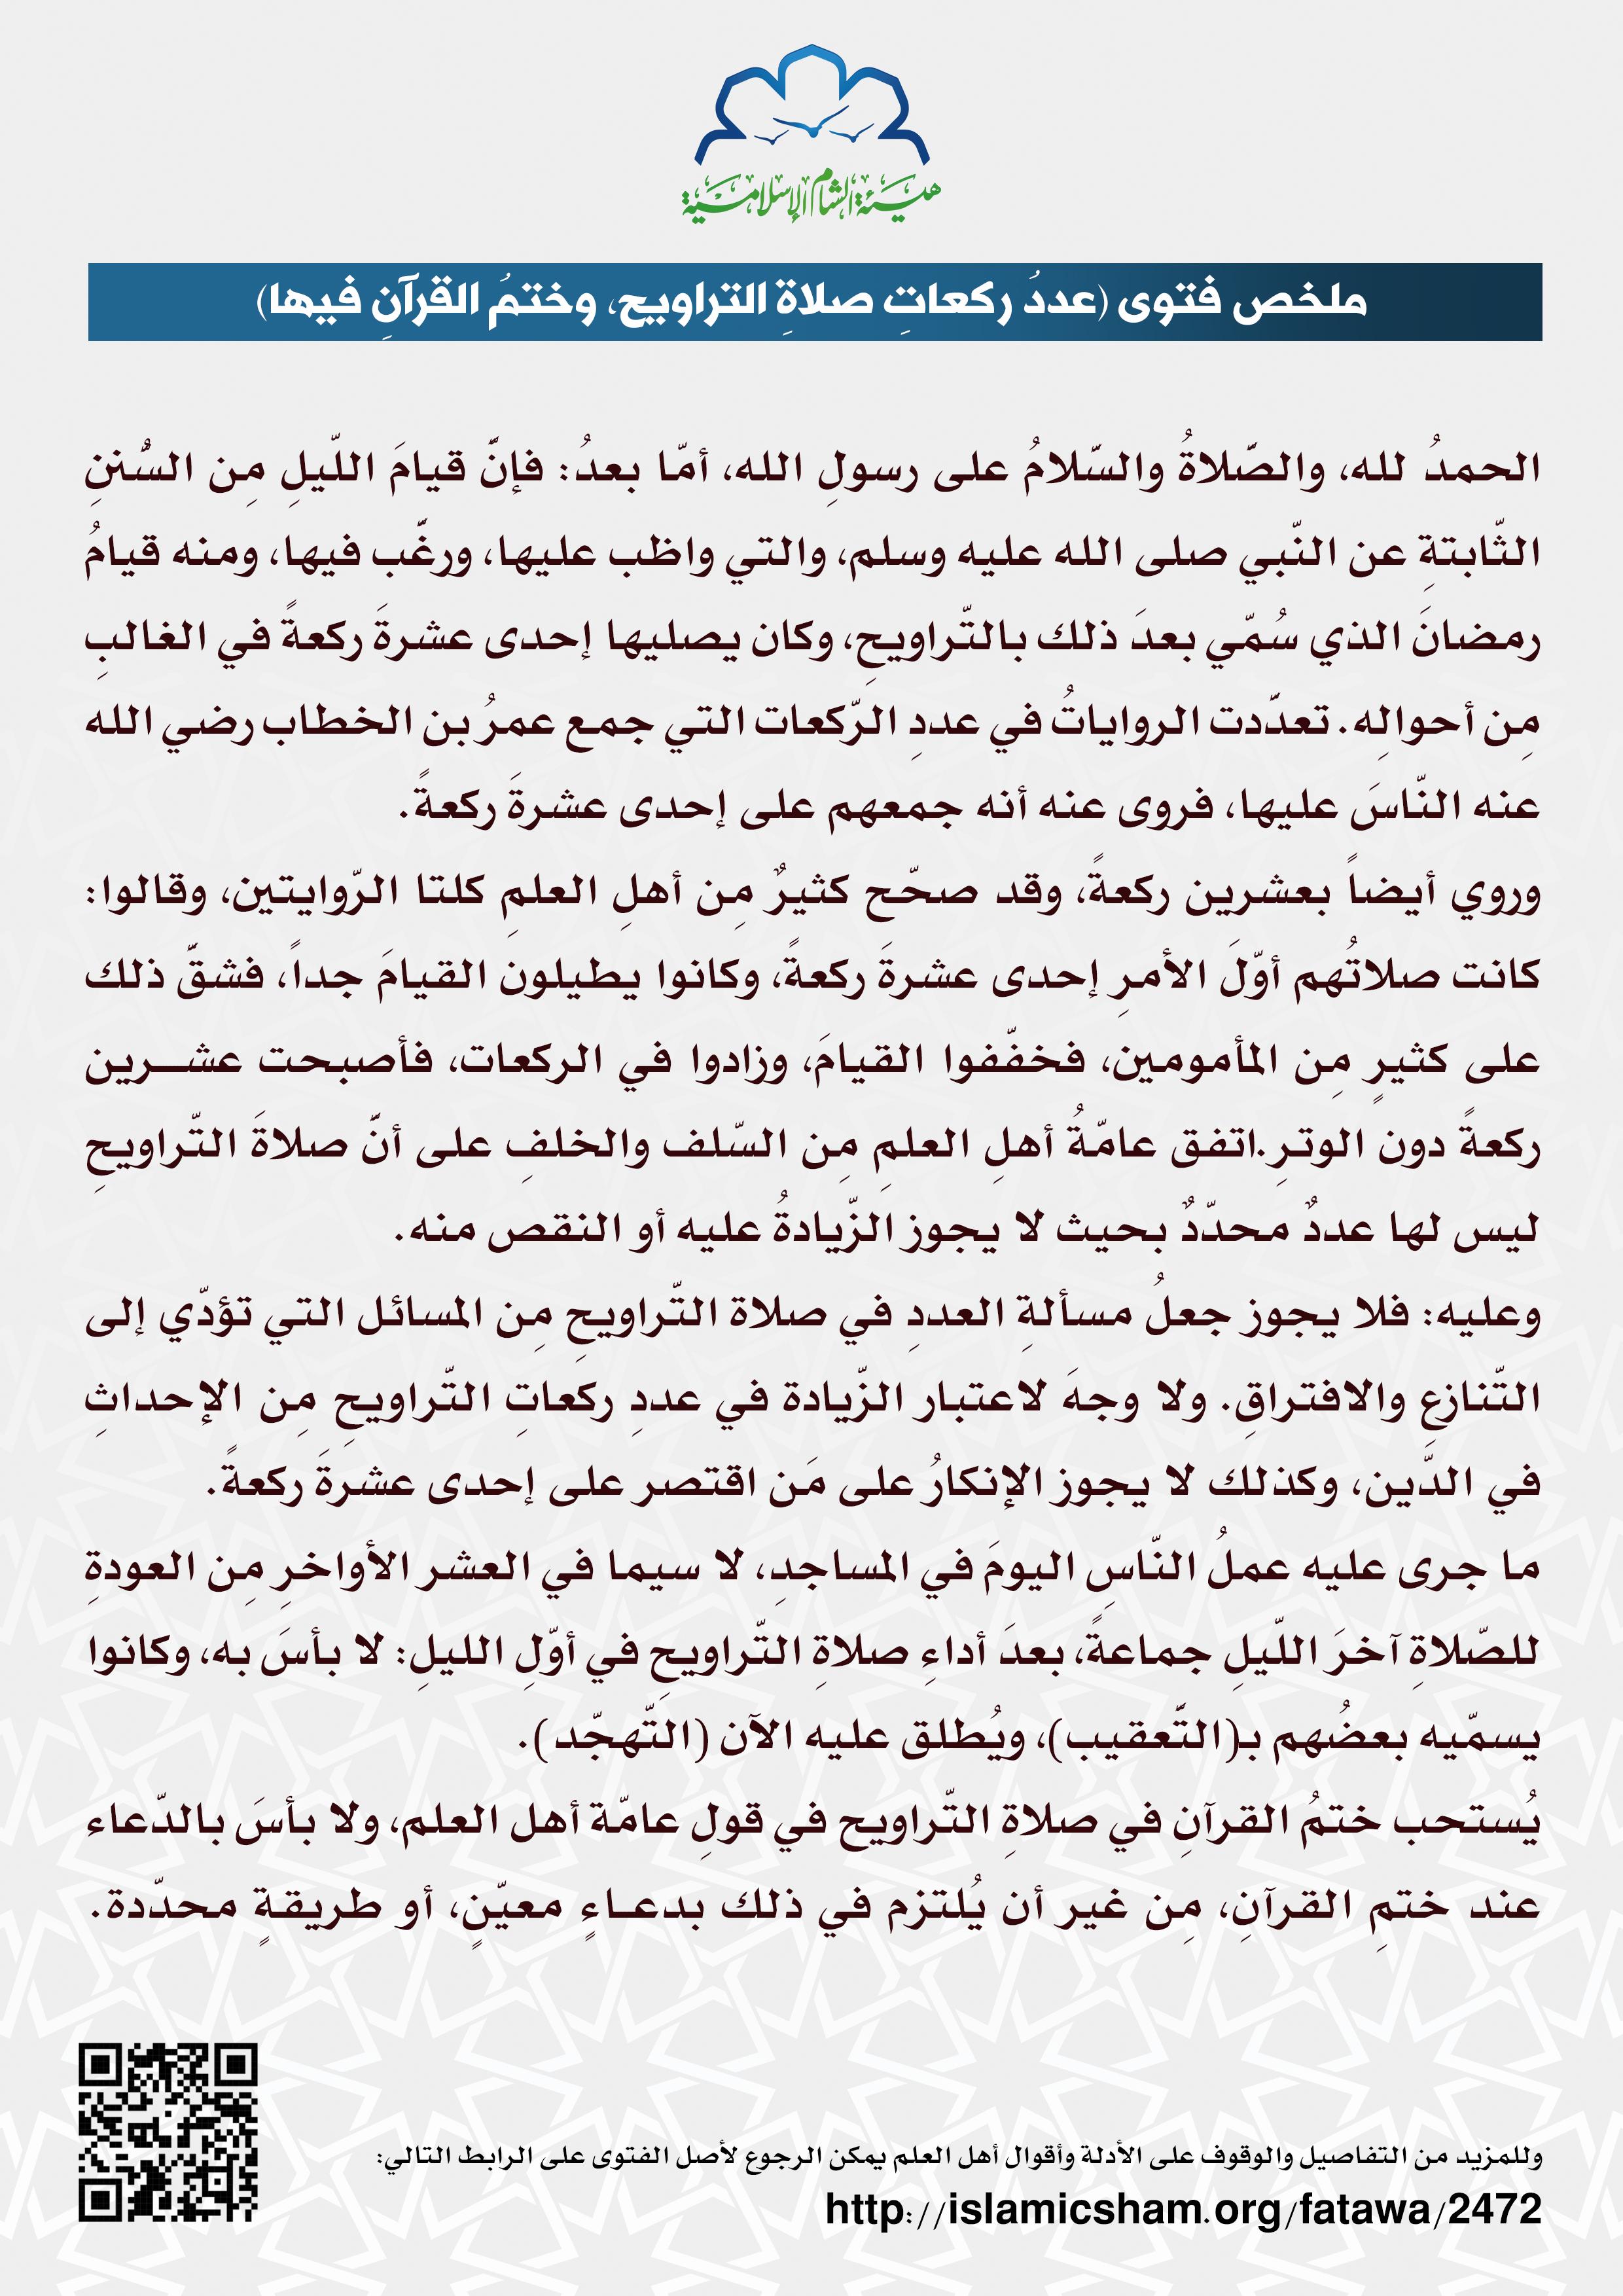 عدد ركعات صلاة التراويح وختم القرآن فيها هيئة الشام الإسلامية